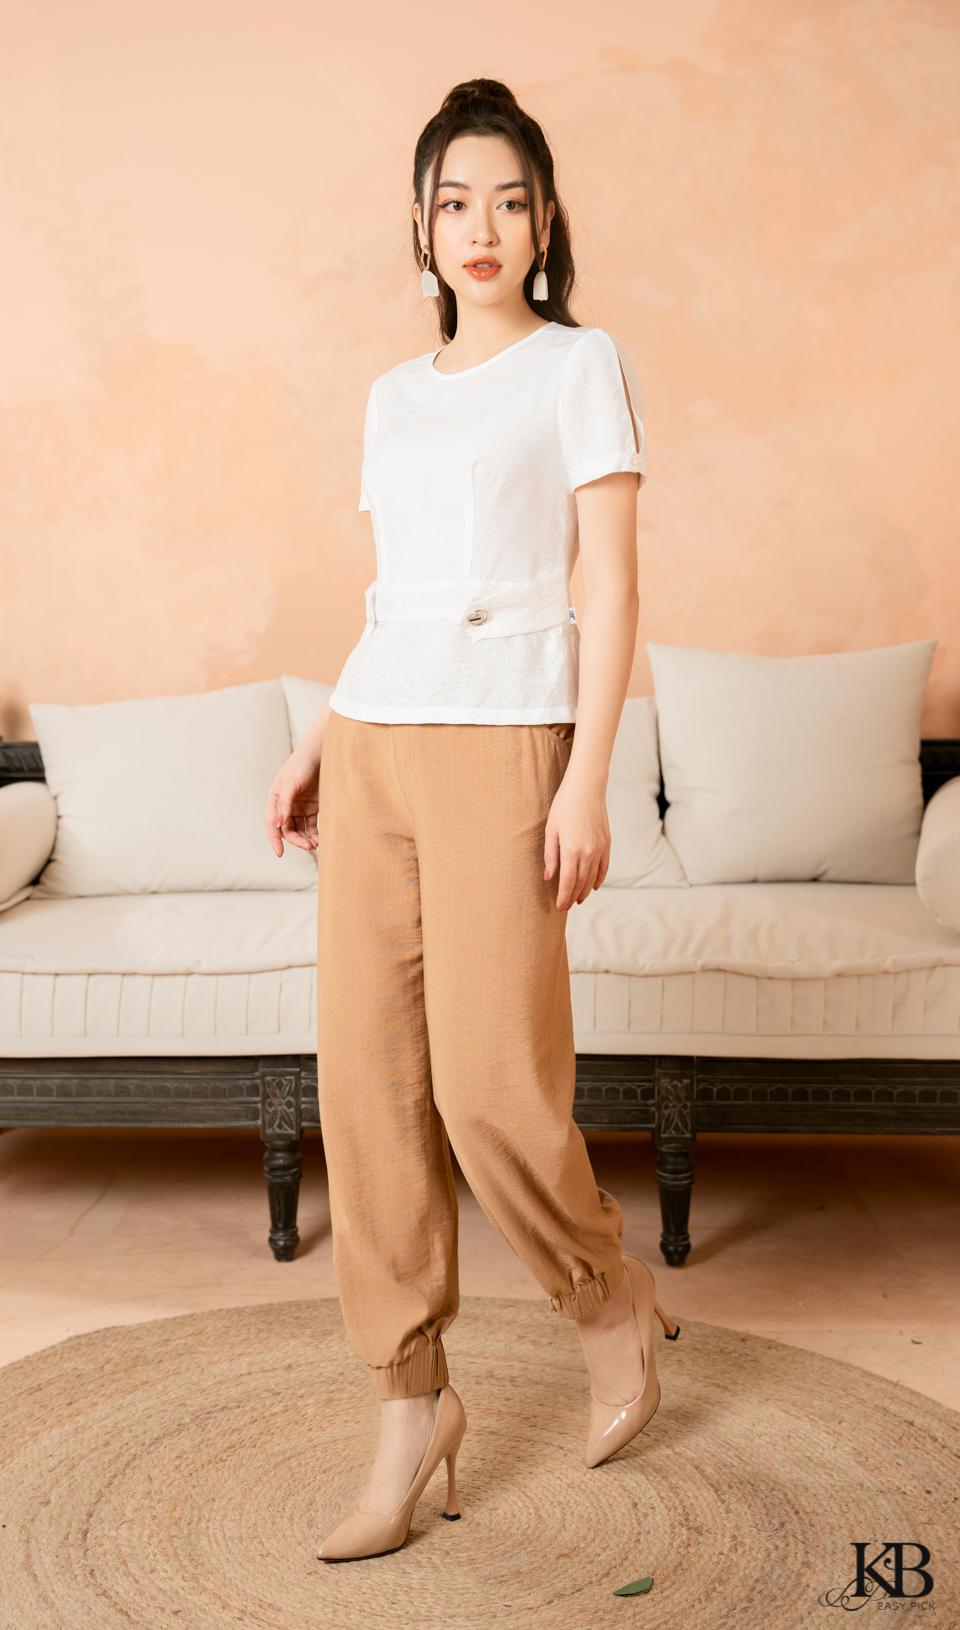 Các thiết kế mới nhất của Morocco đã có mặt trên toàn hệ thống KB Fashion. Xem chi tiết tại đây.